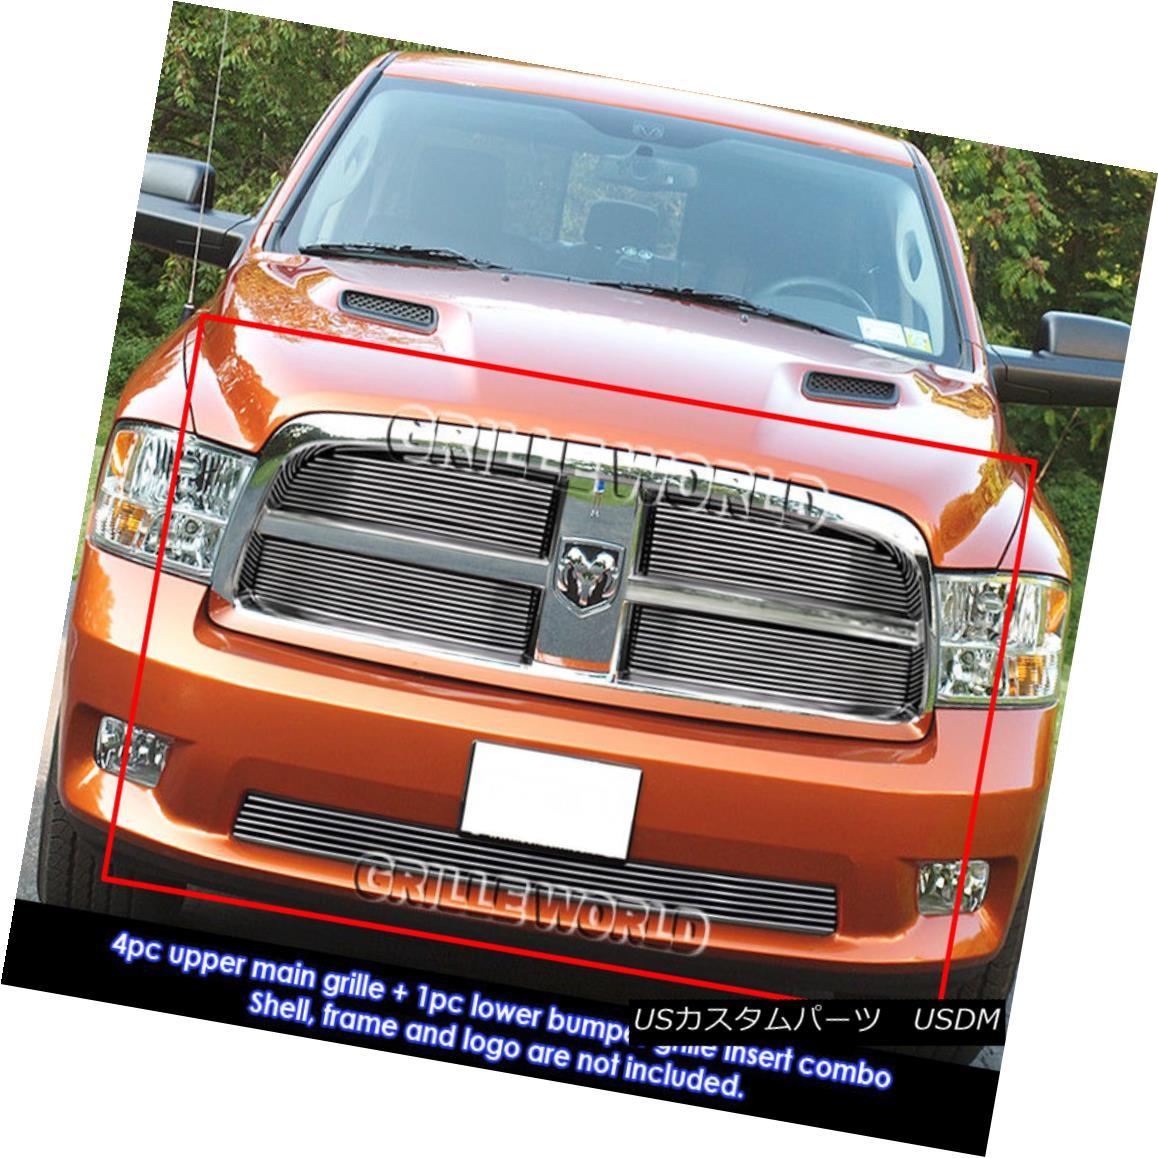 グリル For 2009-2012 Dodge Ram 1500 Sport/Express Model Billet Grill Combo Pack 2009-2012ダッジラム1500スポーツ/エクスプレスモデルビレットグリルコンボパック